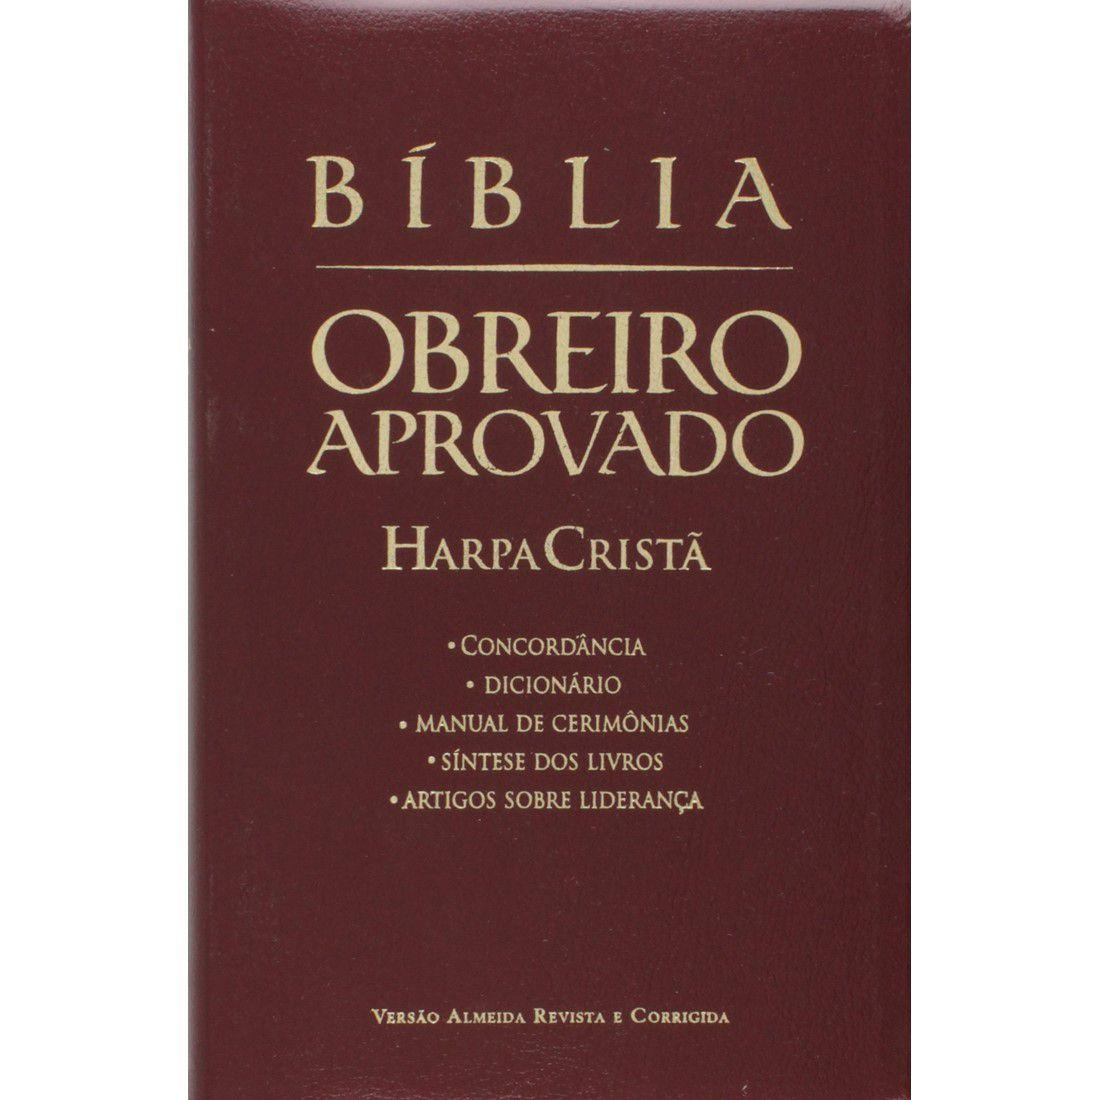 Bíblia do Obreiro Aprovado Com Harpa Cristã Média Luxo